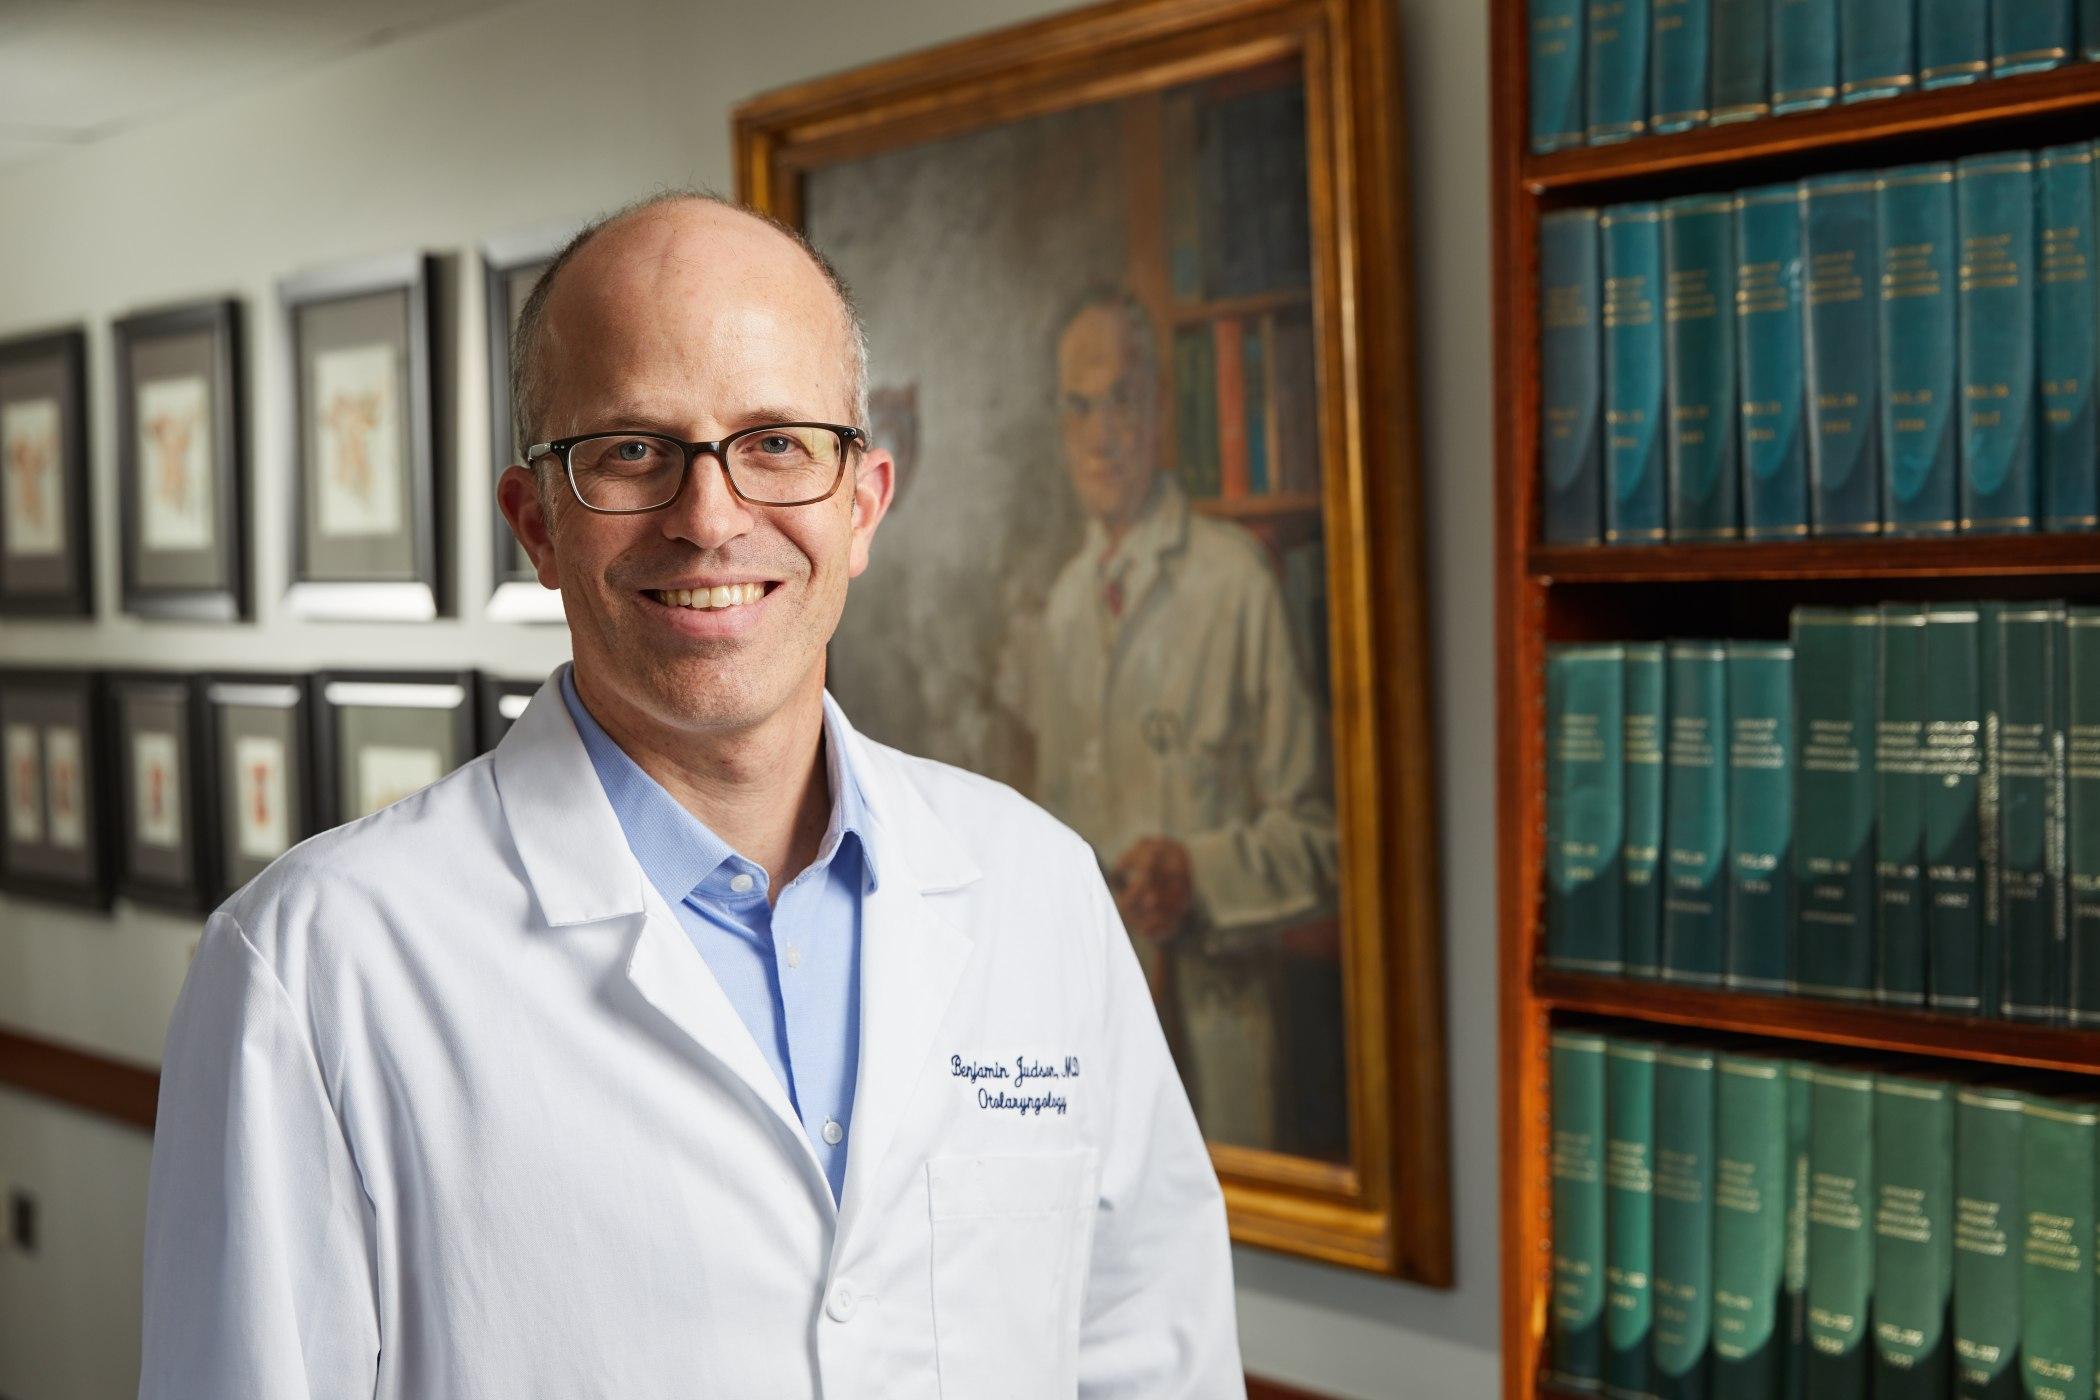 Benjamin L. Judson, MD